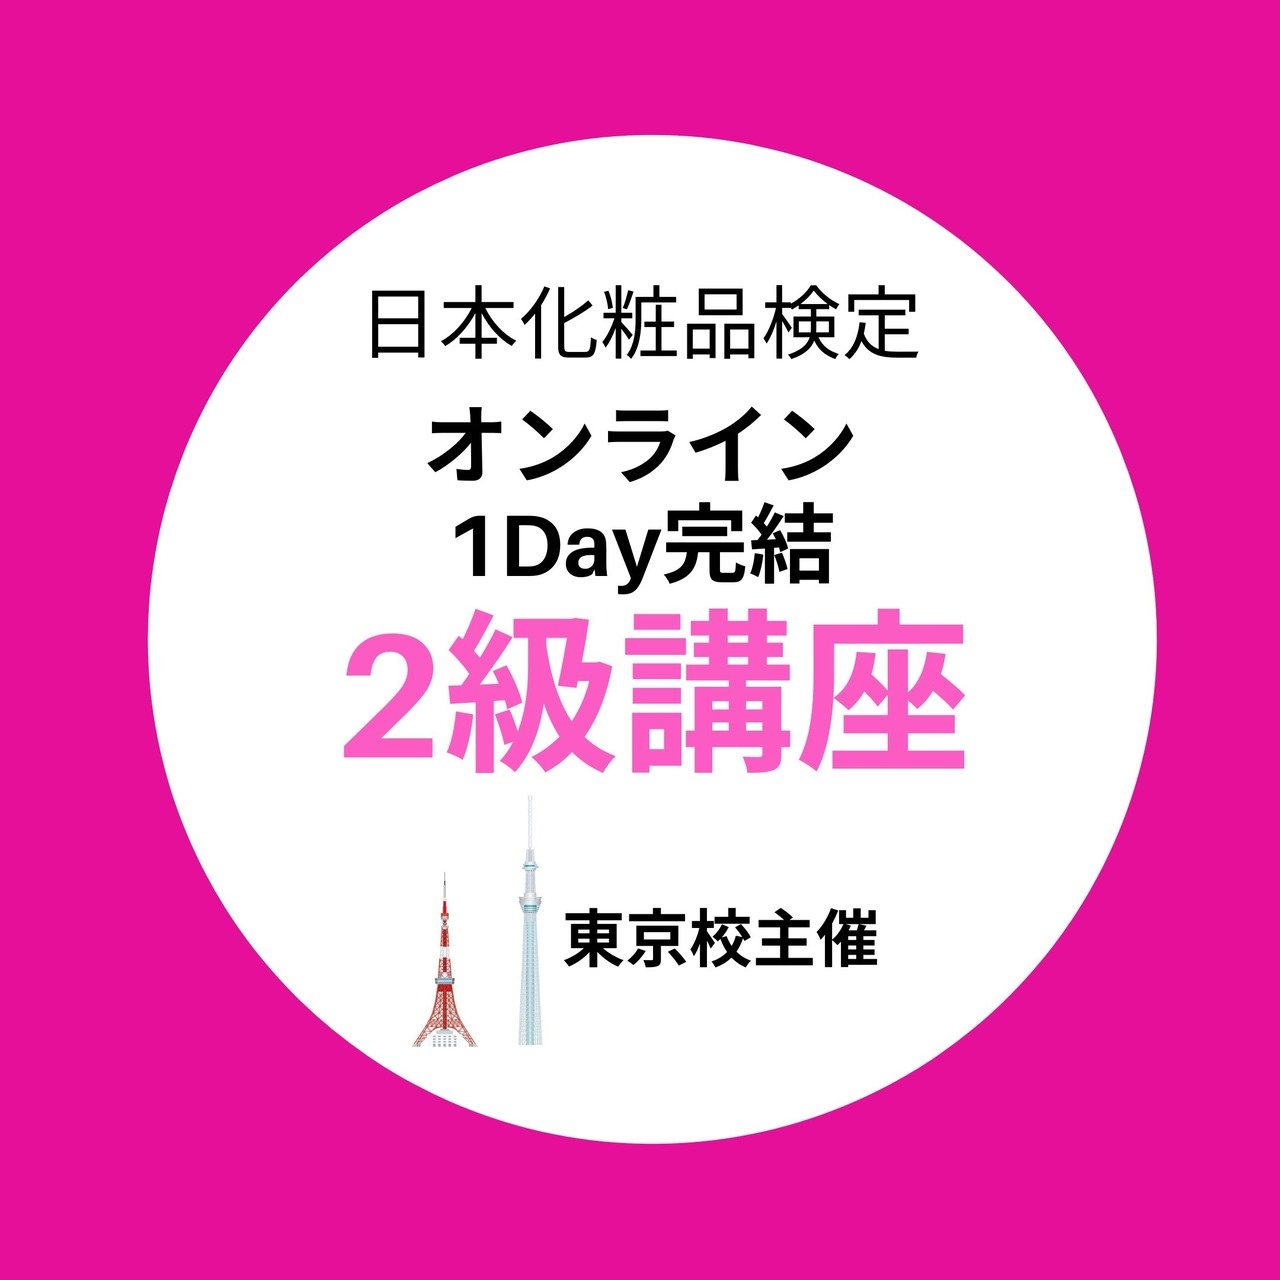 【オンライン東京校】お家でゆっくり1Day:2級日本化粧品検定 試験対策合格講座